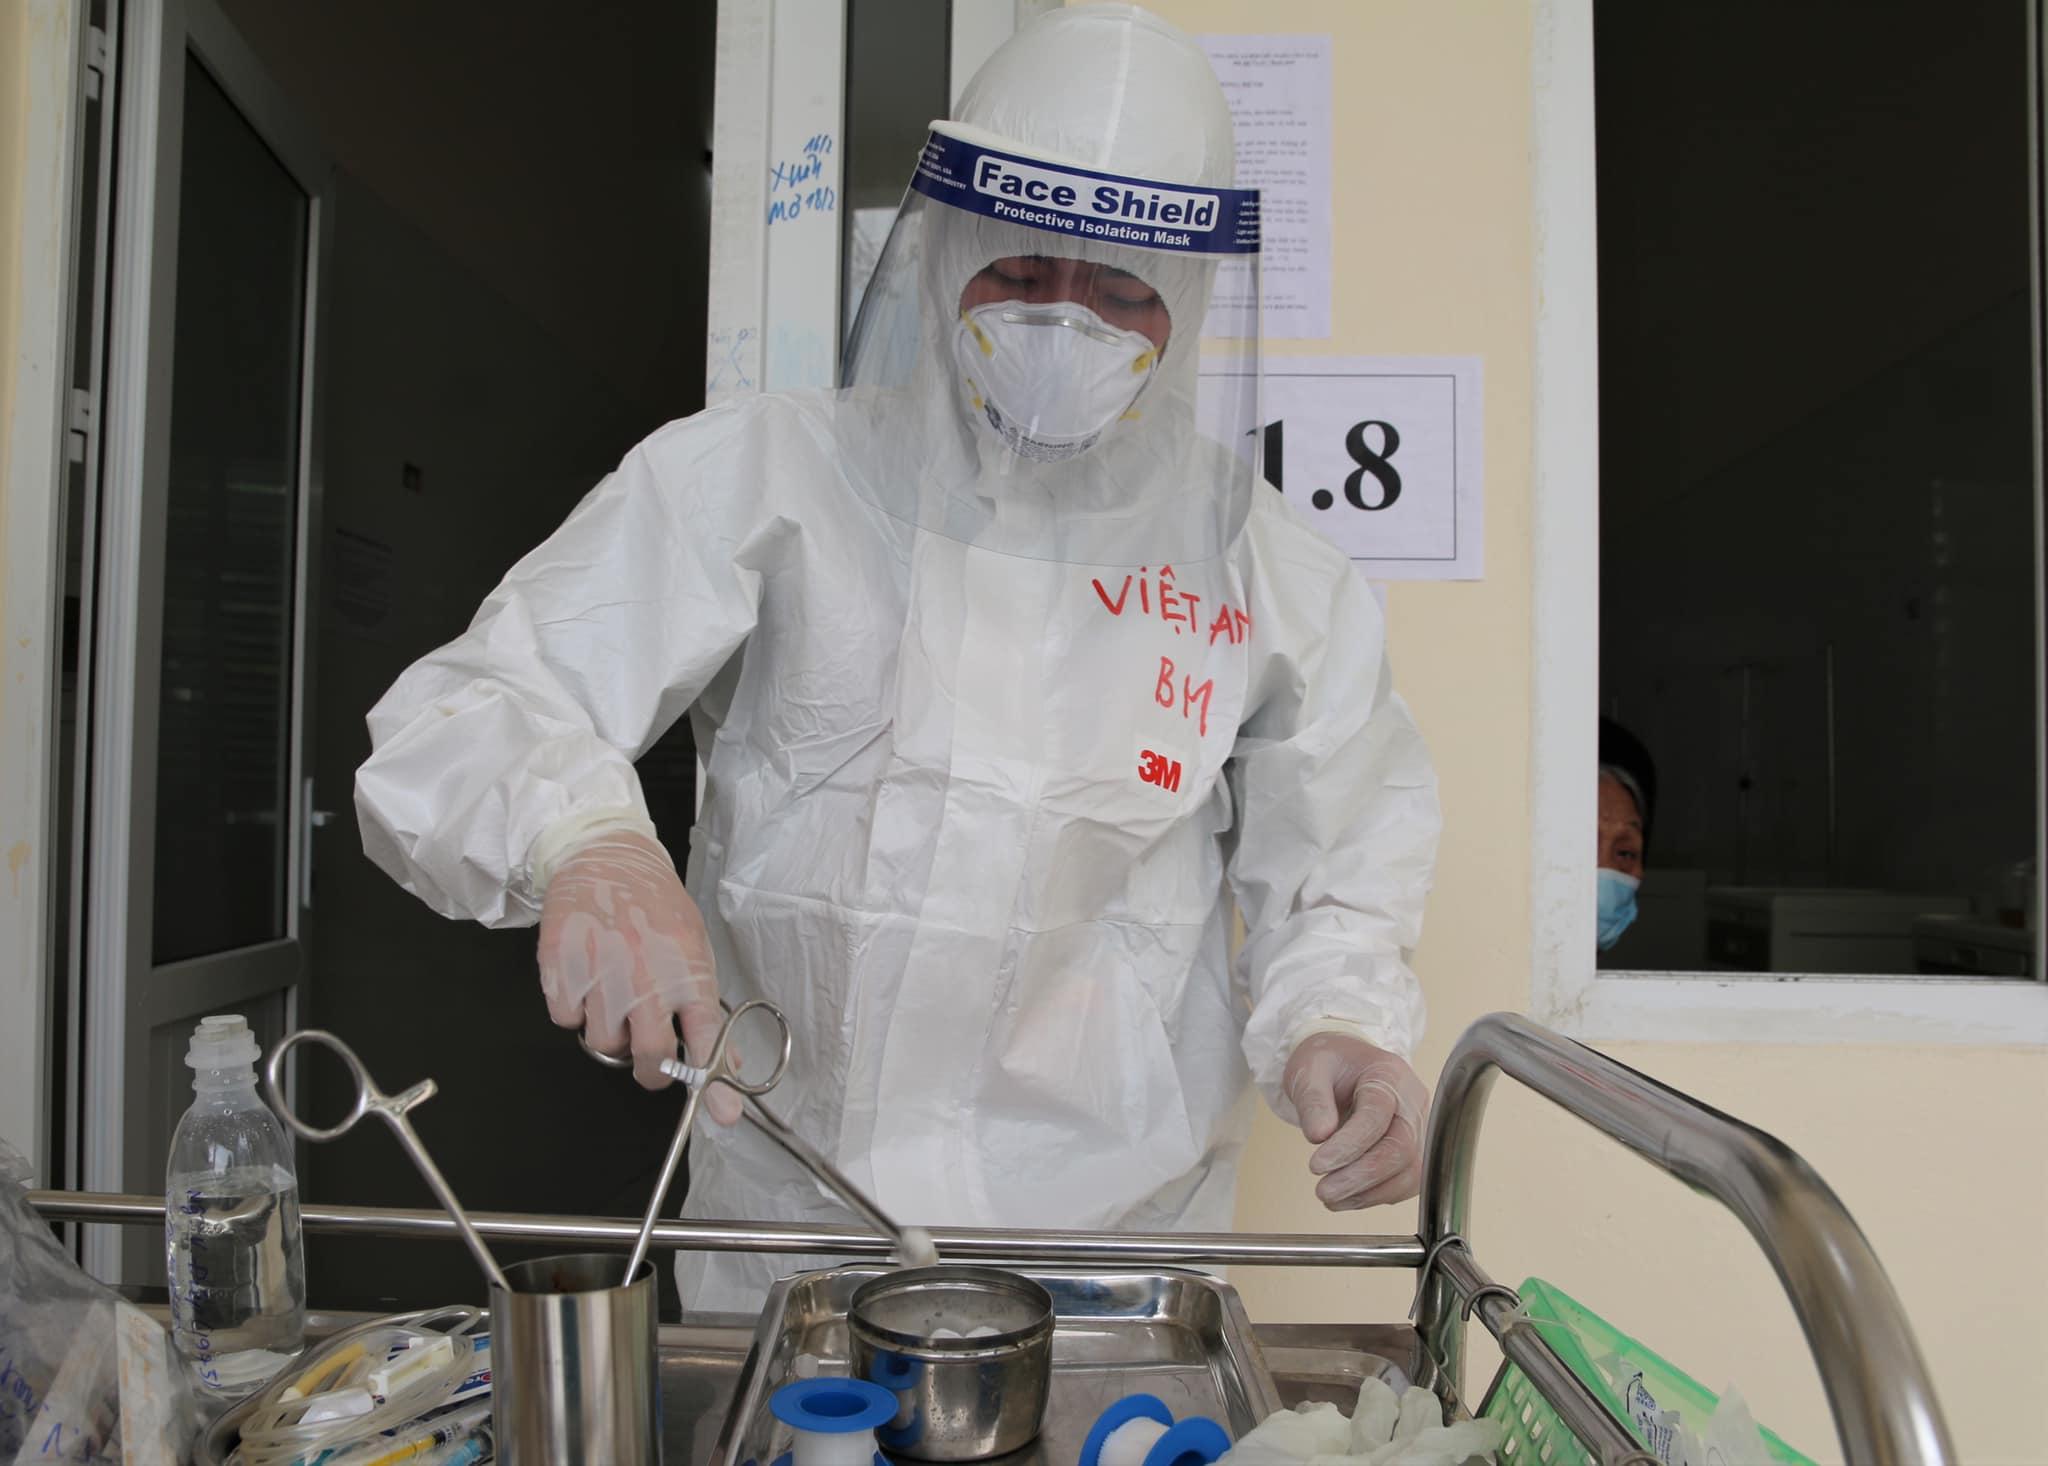 Sáng 7-5, Thanh Hóa ghi nhận một ca nhiễm Covid-19 cộng đồng